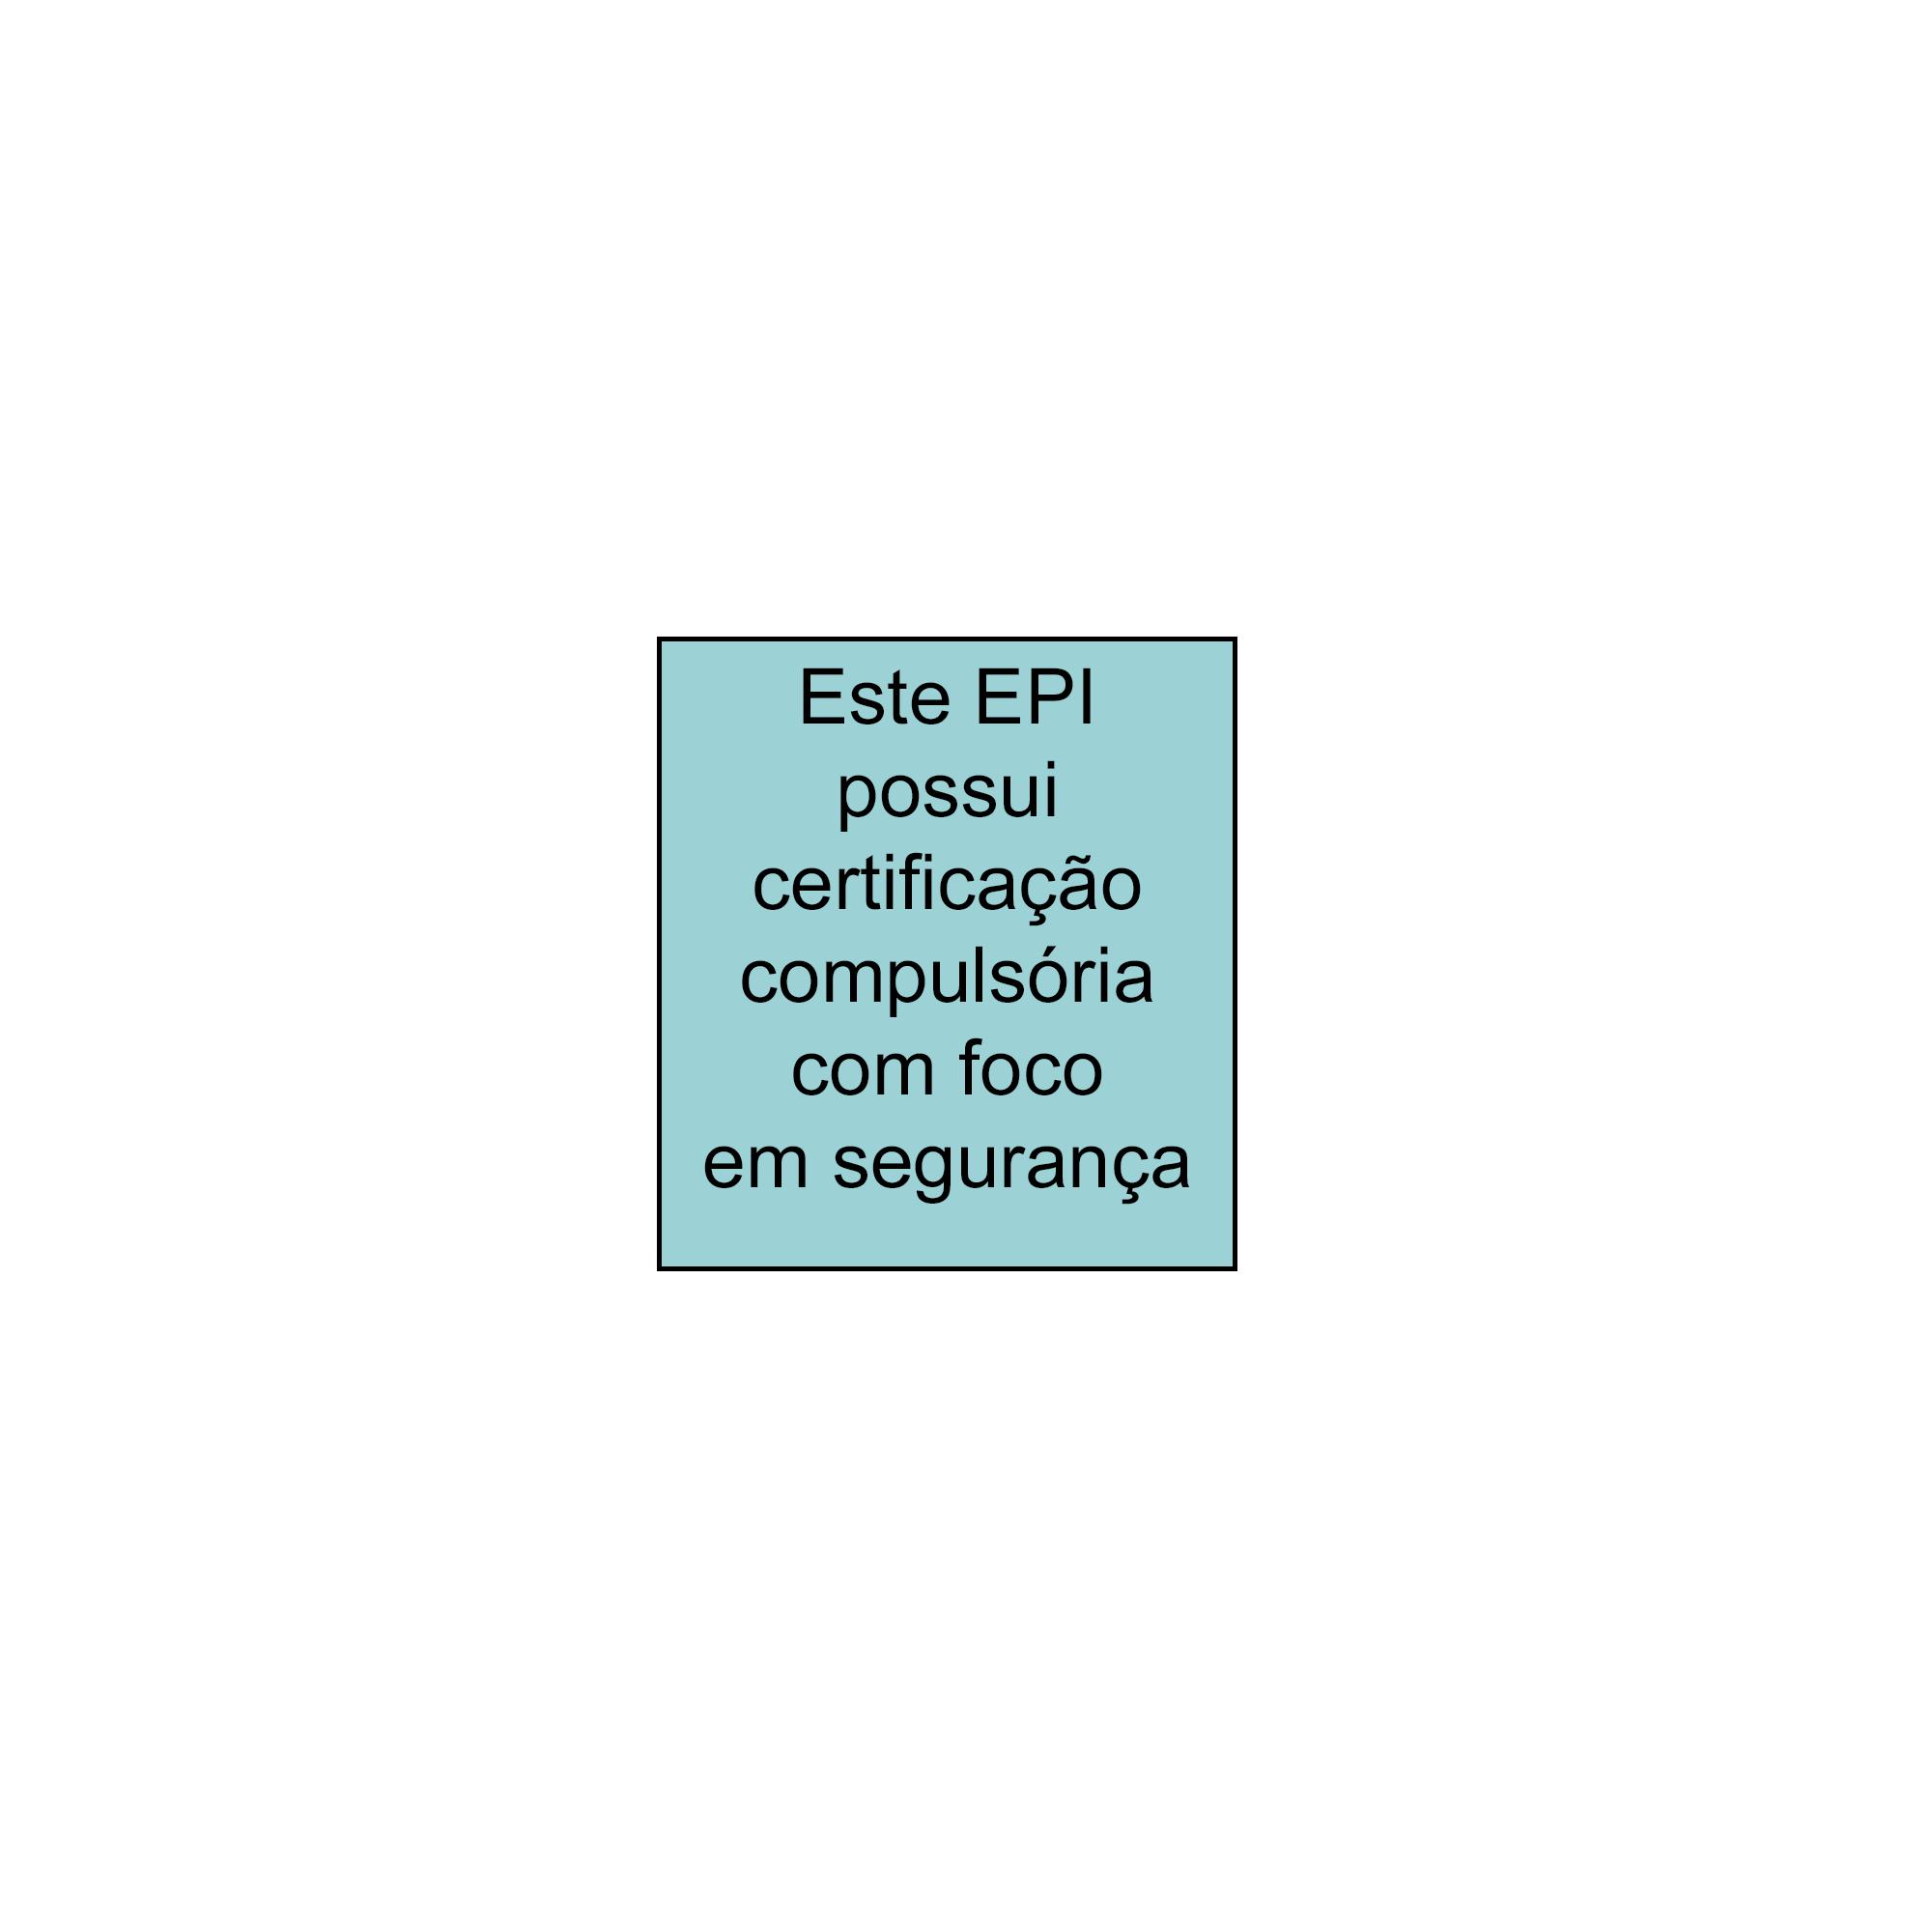 CINTO ELETRICISTA DE POSICIONAMENTO EXTREME ELS - ANCORAGEM POSTE E ÁRVORES  - DE PAULA EPI